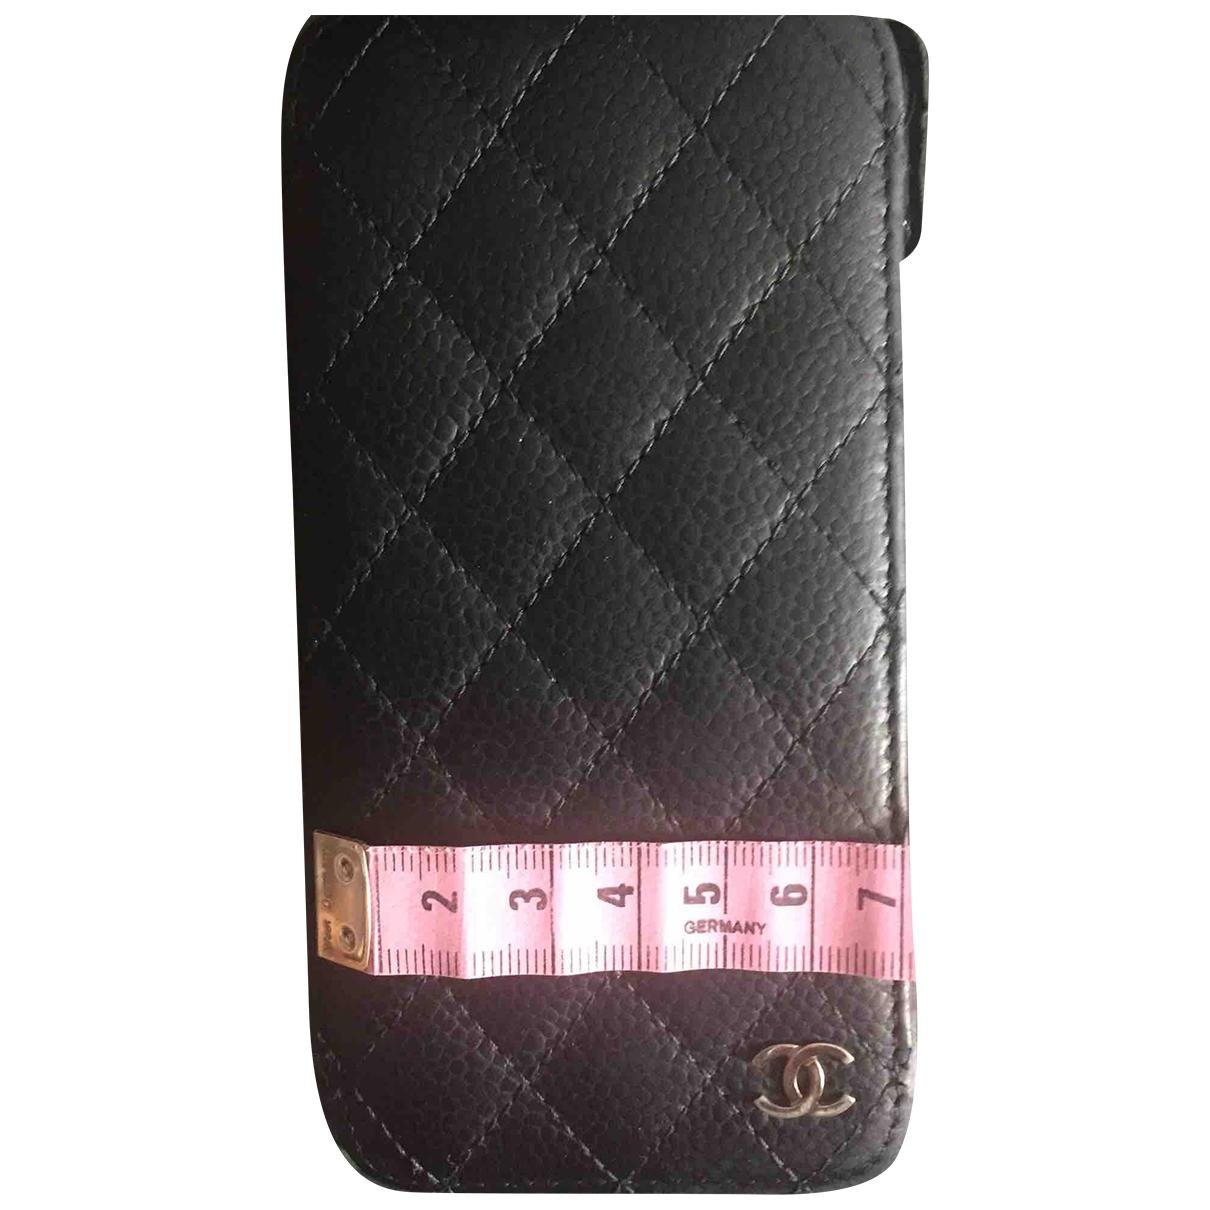 Funda iphone de Cuero Chanel